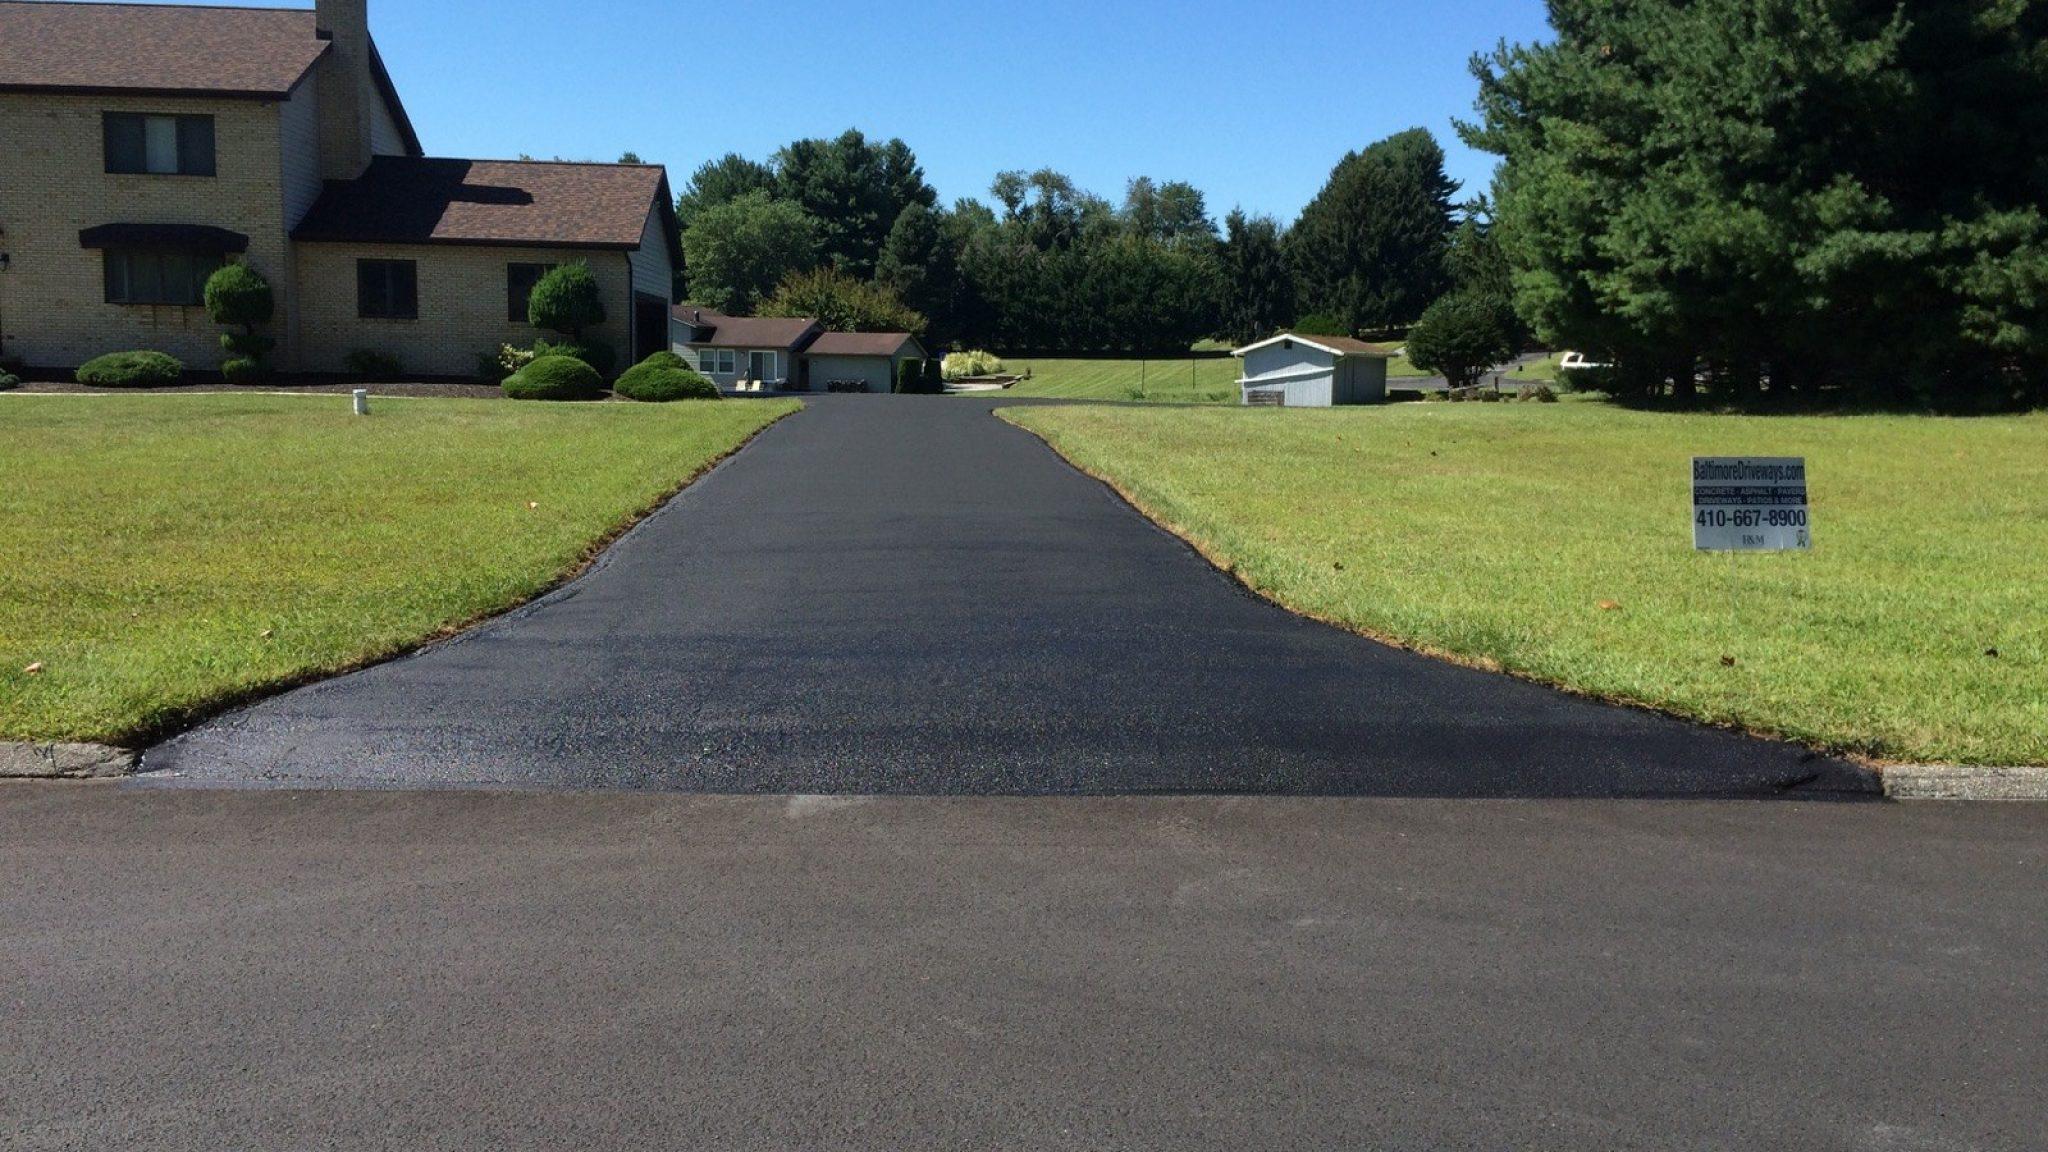 Repave an Asphalt Driveway - F&M Contractors